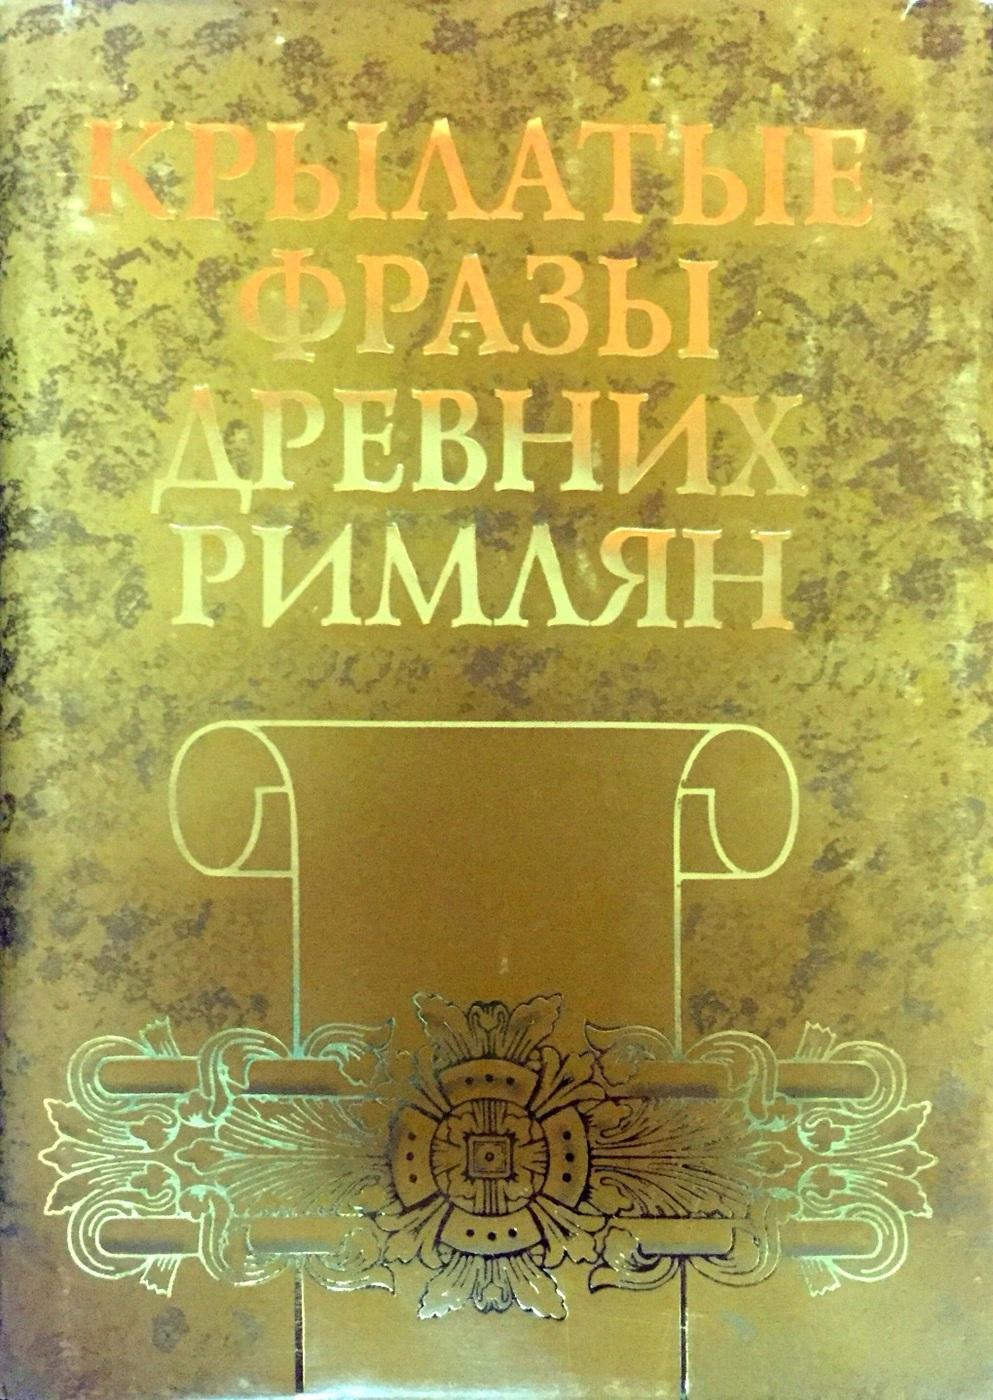 И. Смирнов, В. Левинский (сост.). Крылатые фразы древних римлян (сборник)